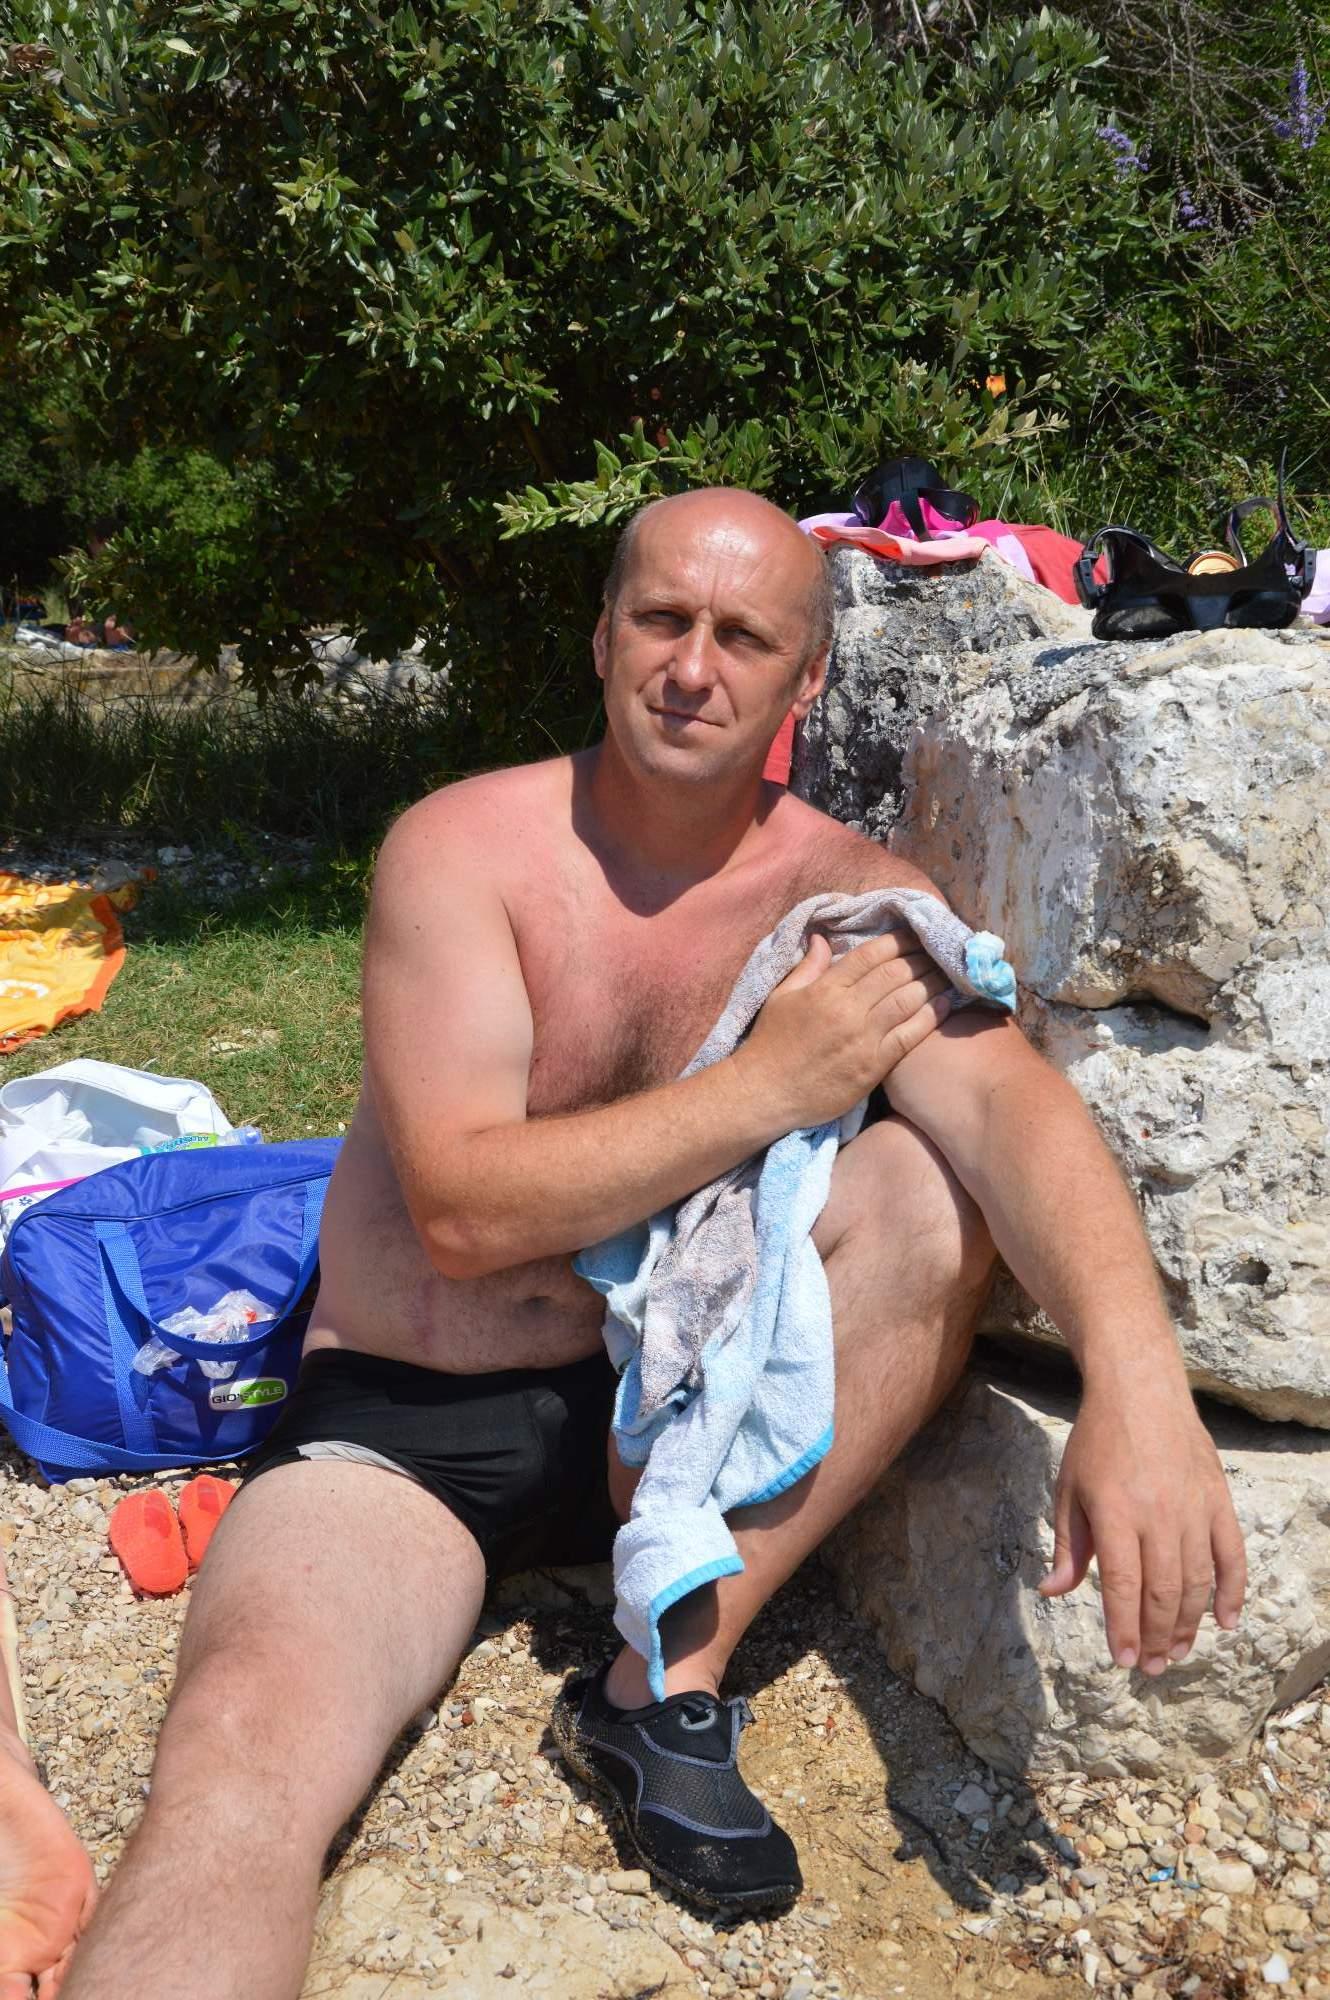 http://img19.rajce.idnes.cz/d1902/11/11369/11369498_ba1b1cc51aa2b100ecd01c05fe1b9075/images/DSC_0610.jpg